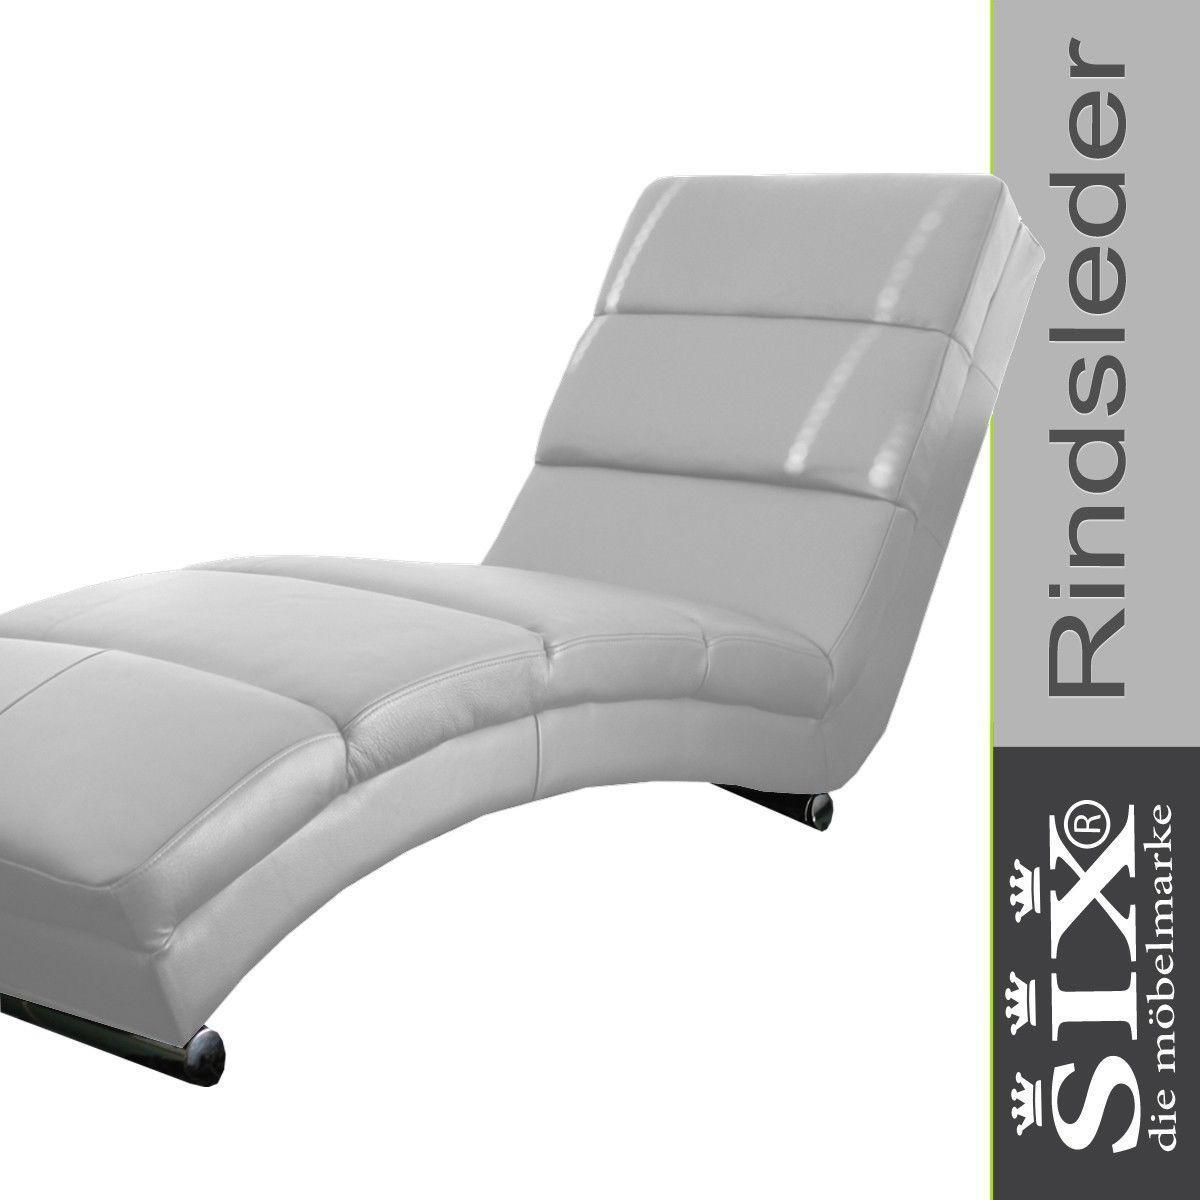 Relaxliege Leder Weiß